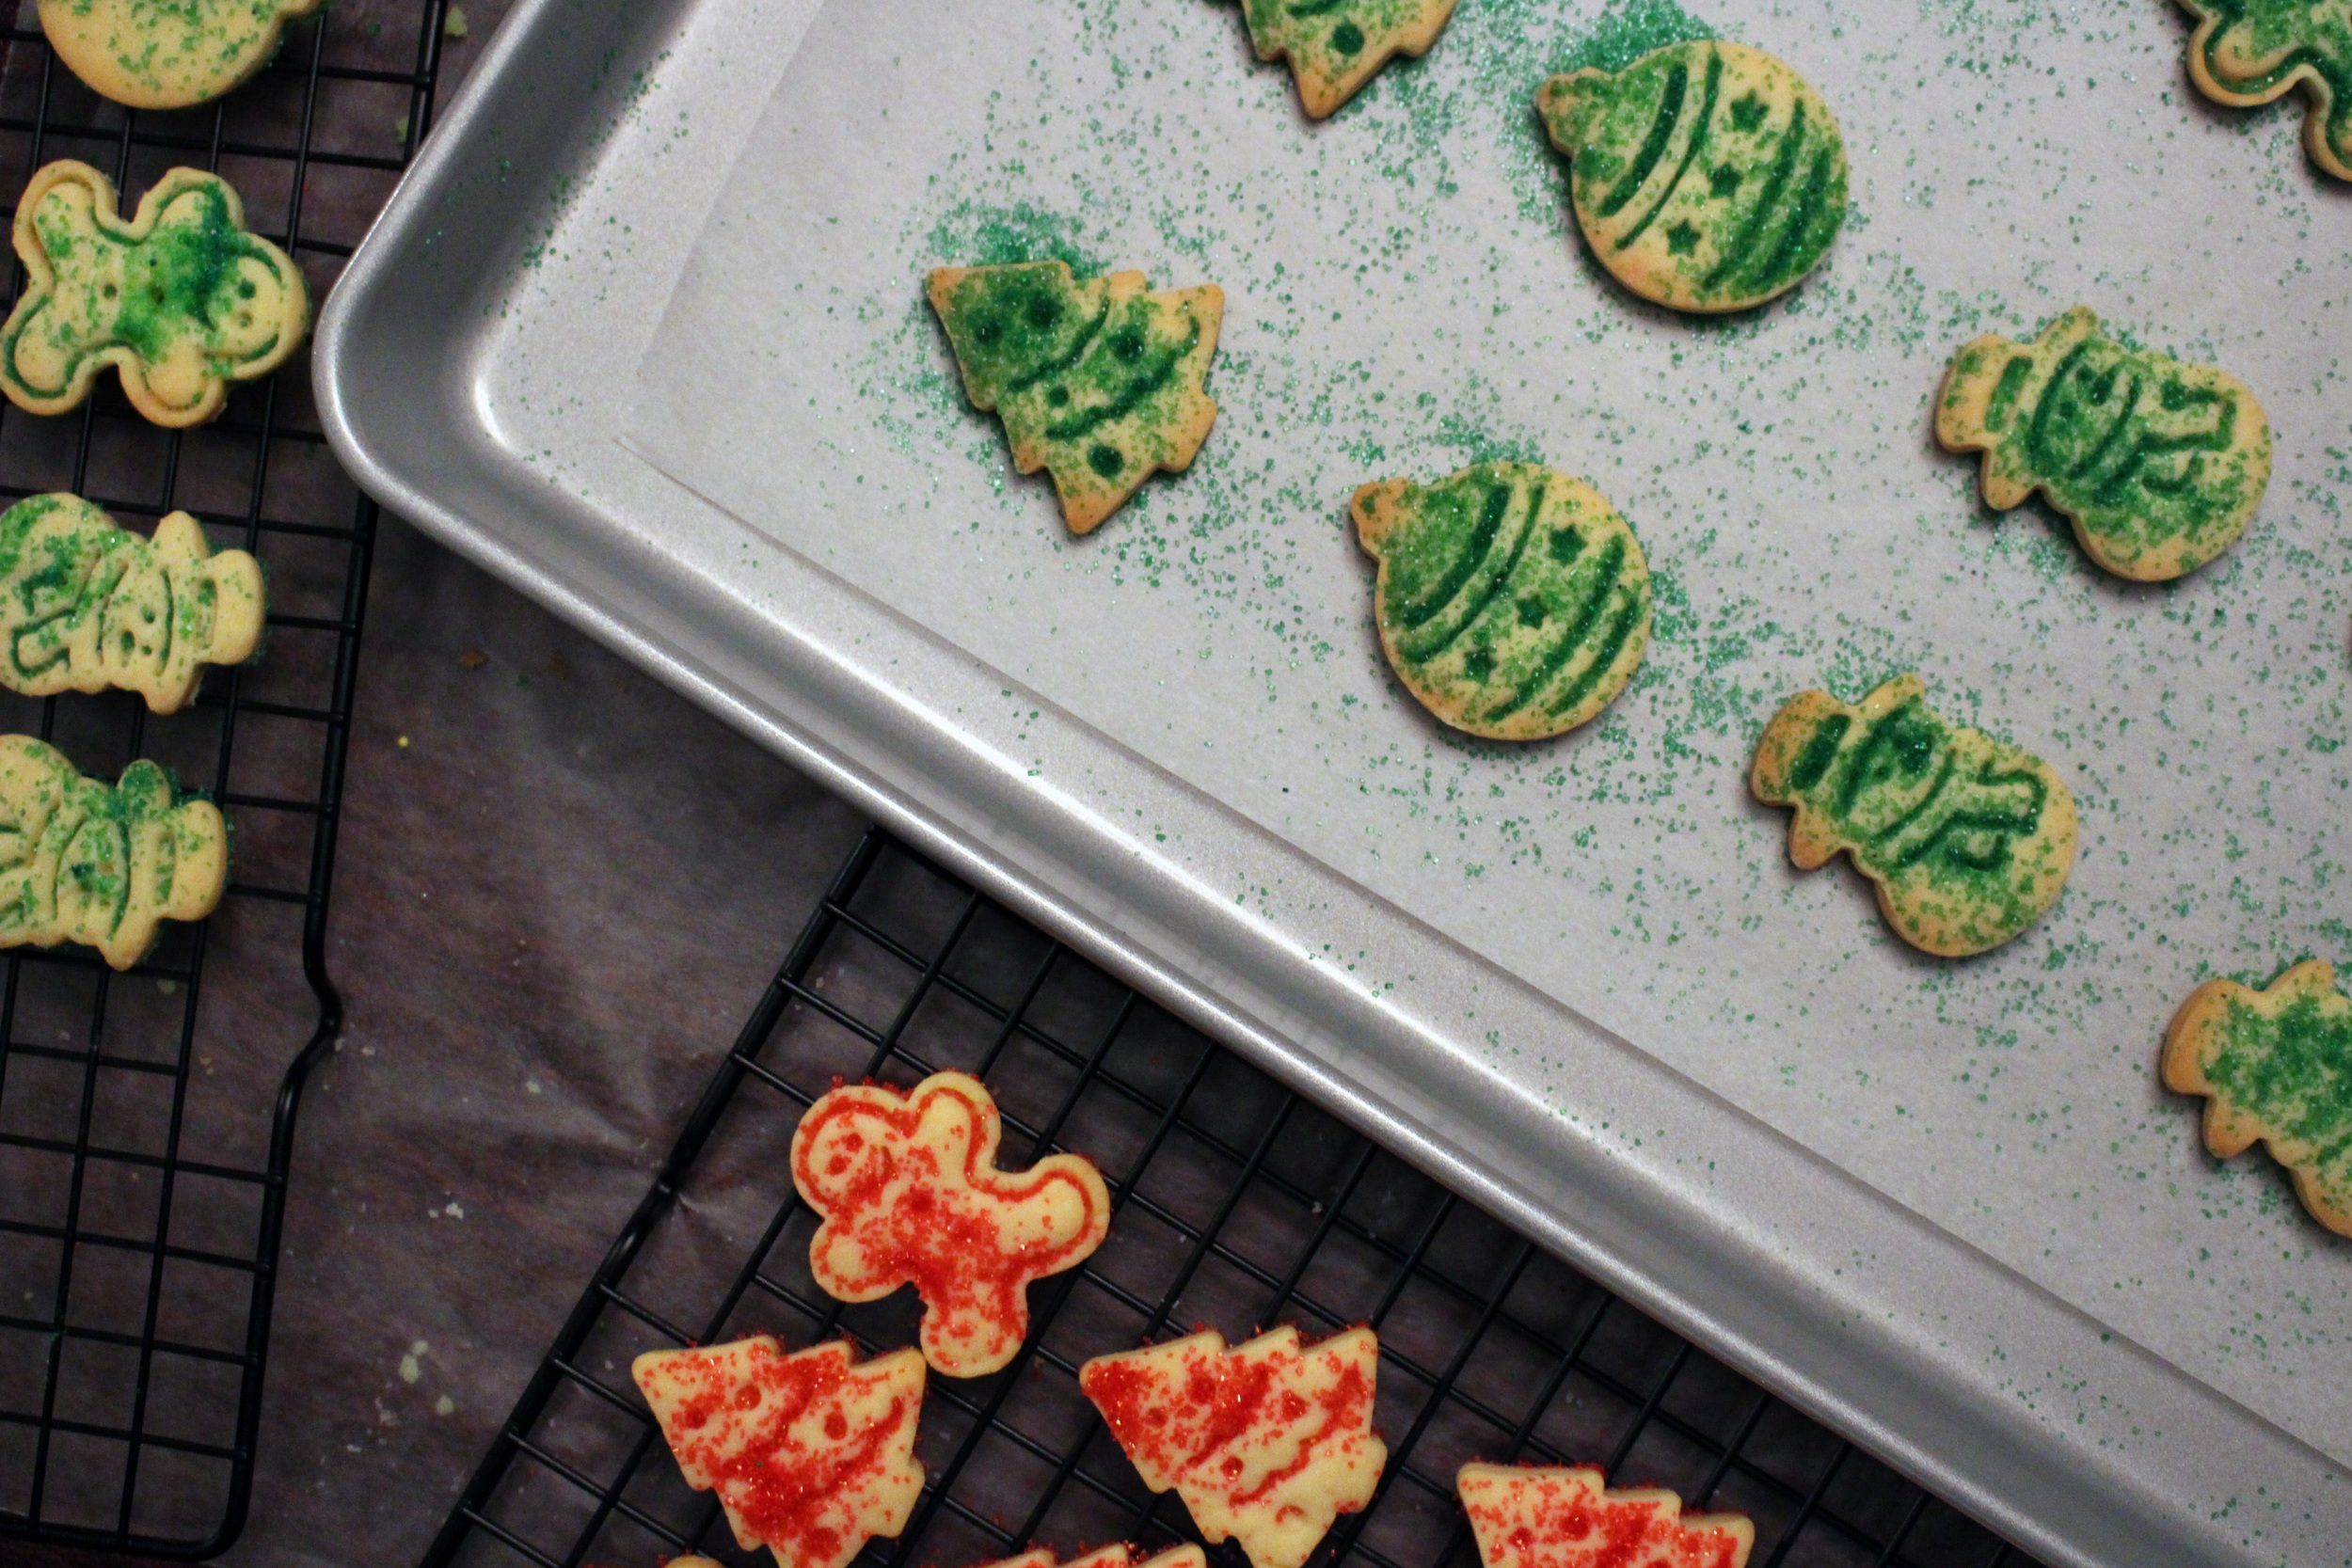 green sprinkle on pan with racks.jpg